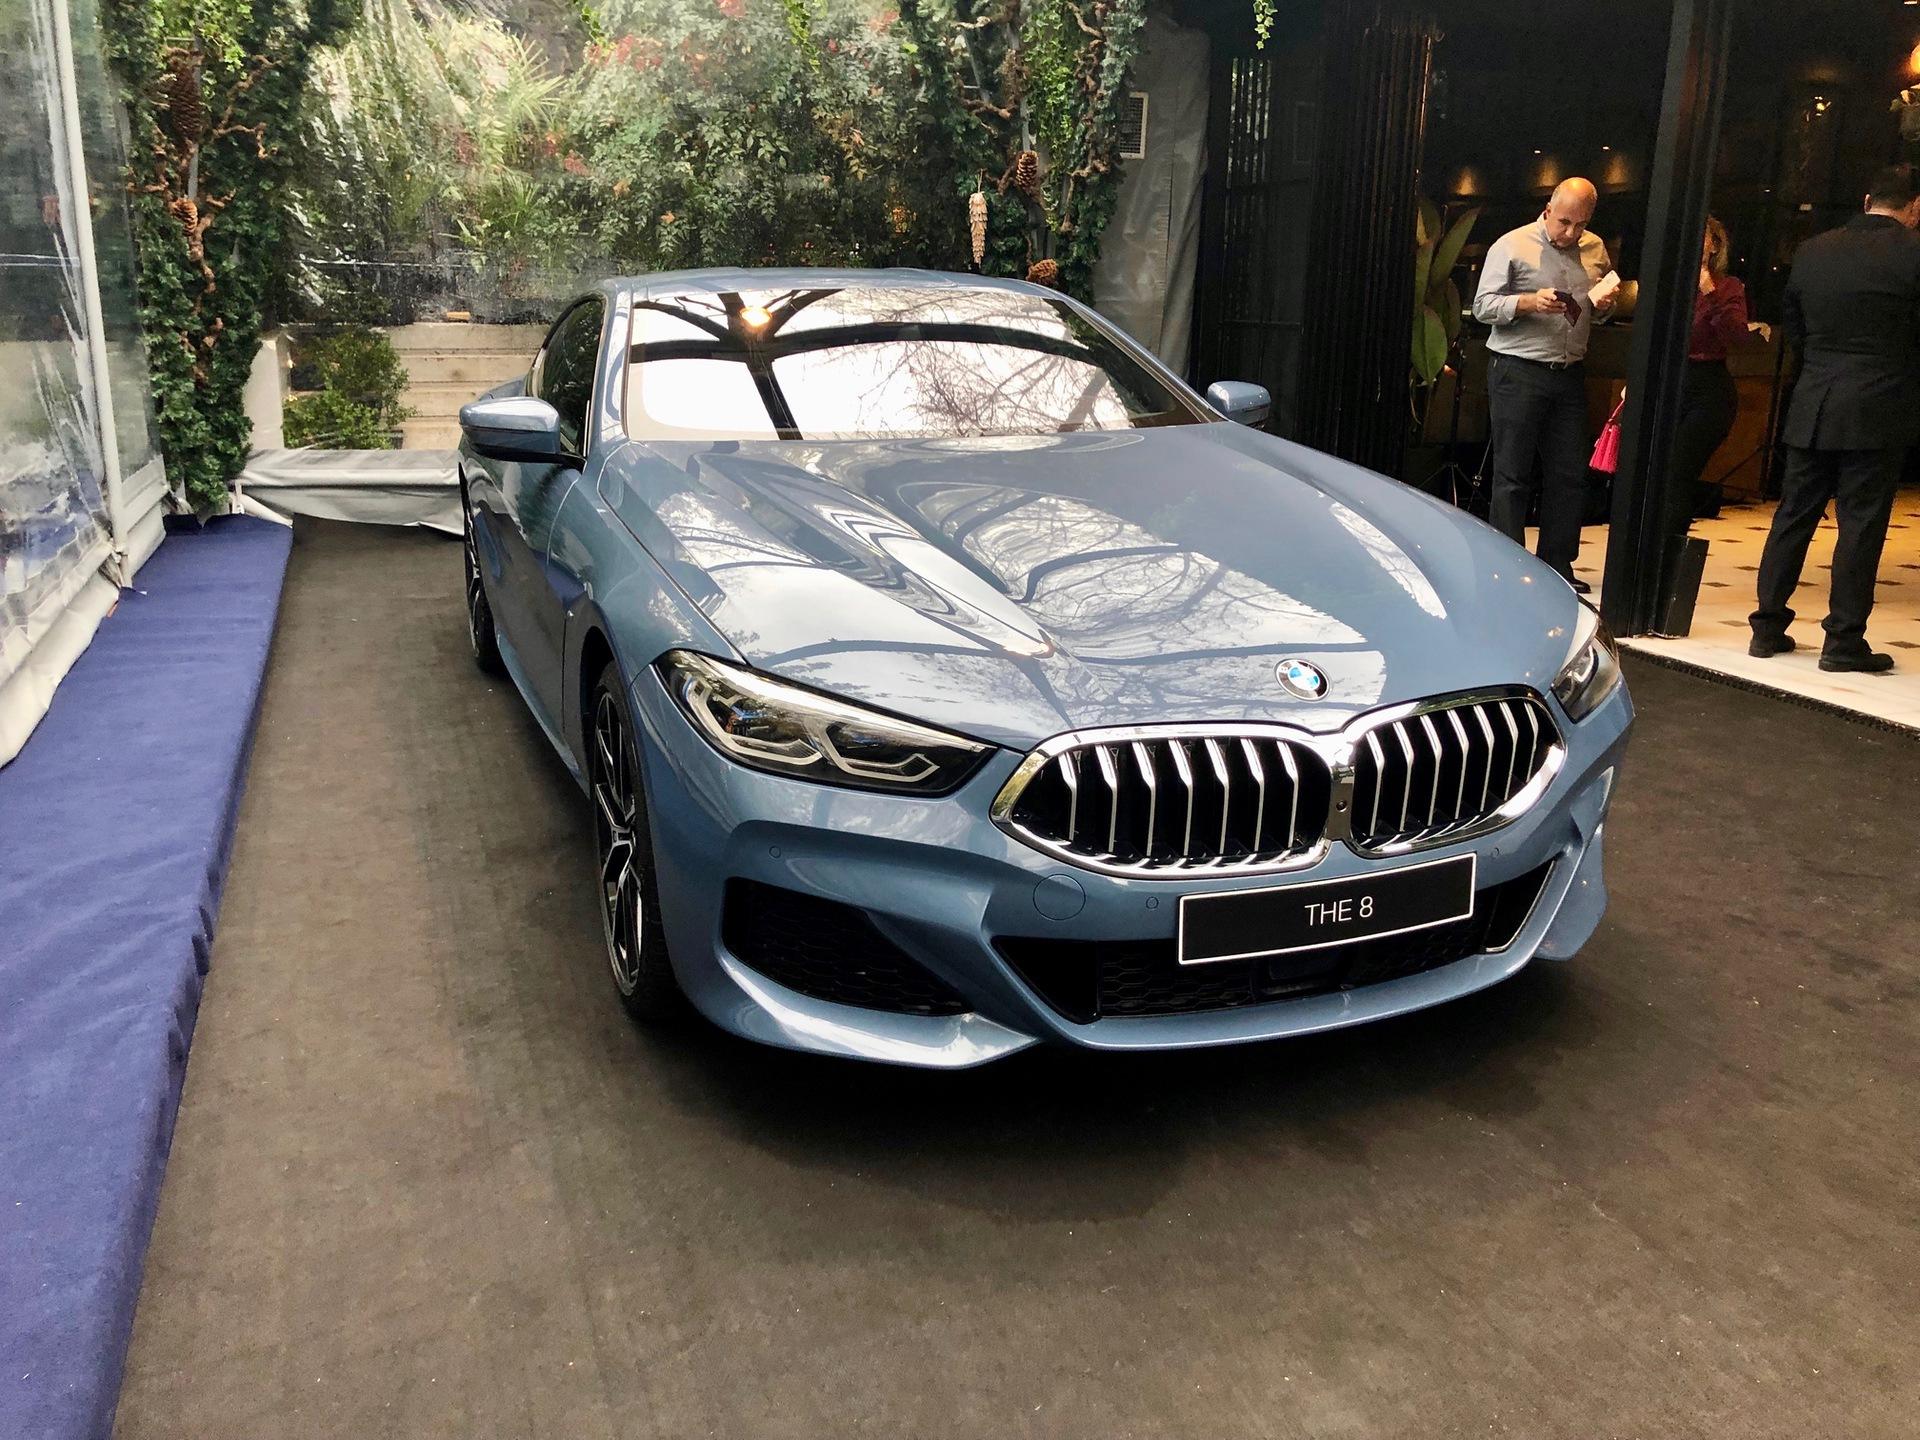 BMW_8_Series_greek_0005